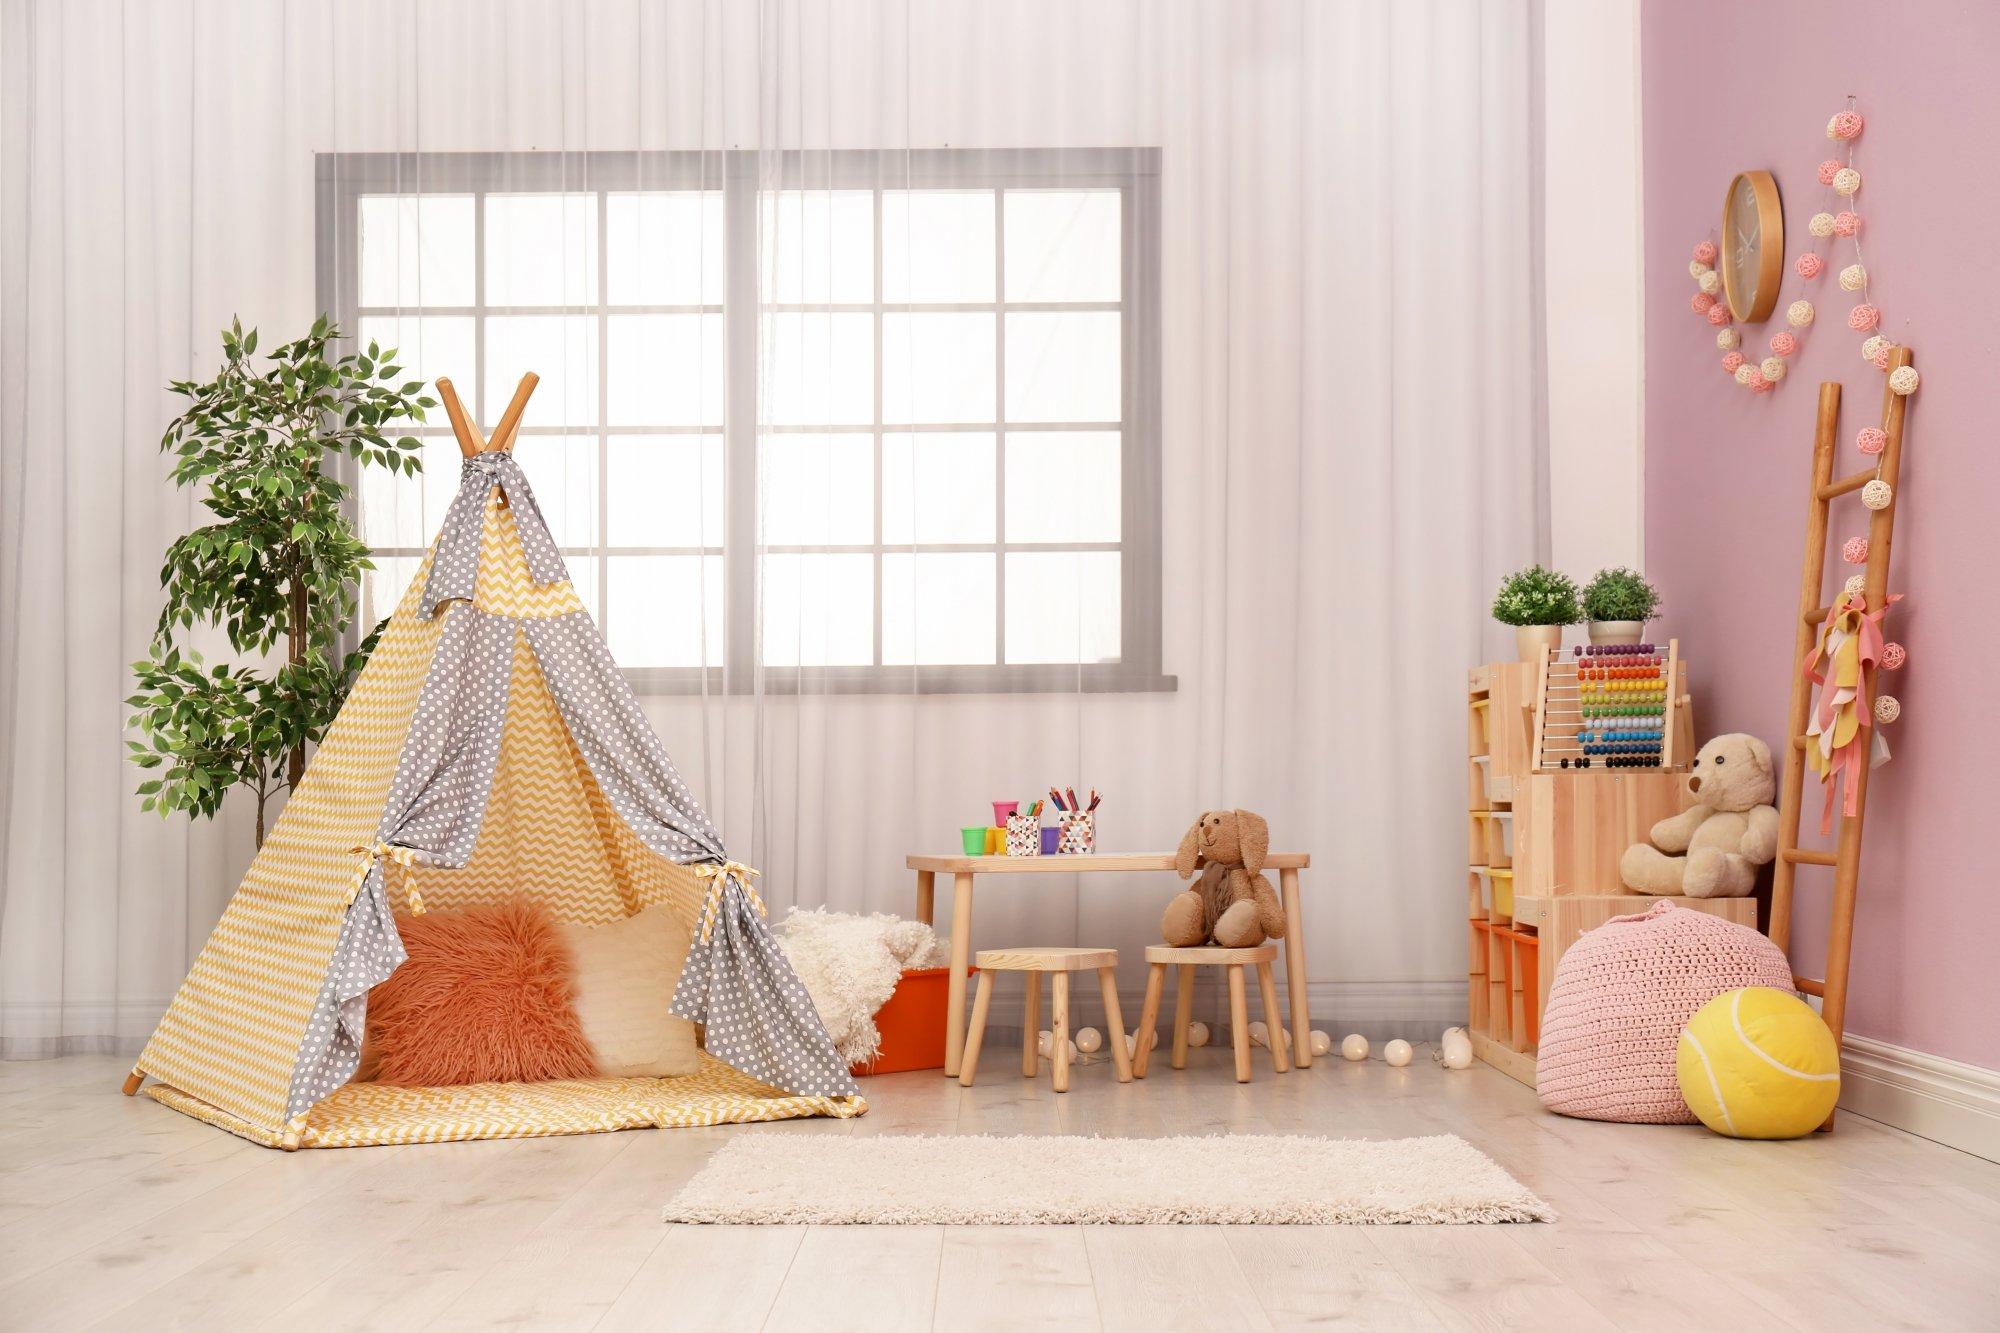 Décorer Sa Chambre Pour Pas Cher 3 tutos pour relooker facilement une chambre d'enfant